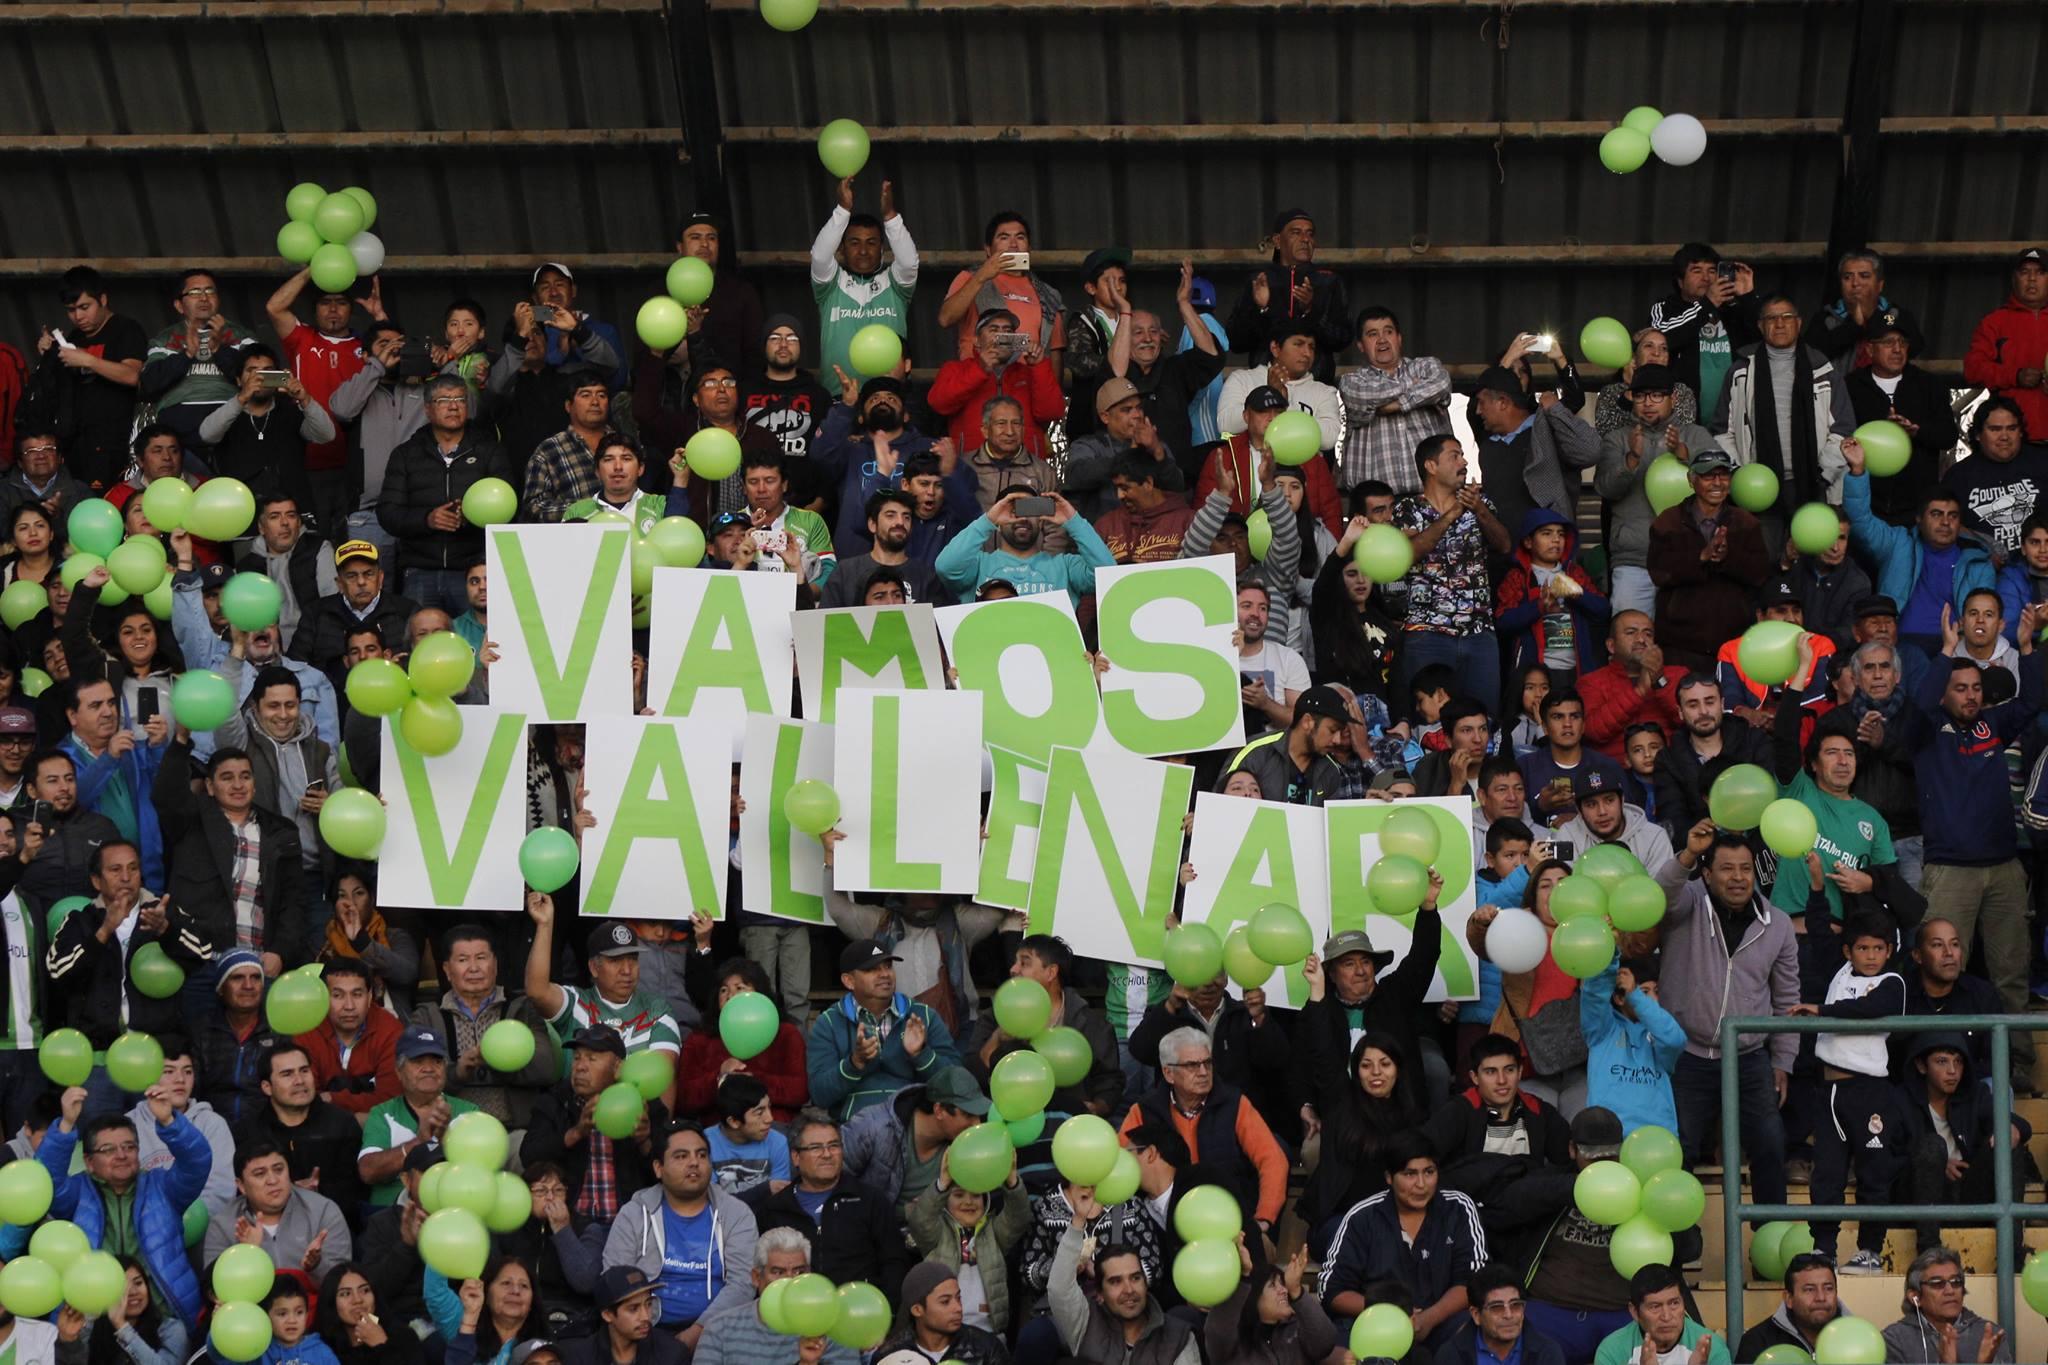 Hoy realizan banderazo de apoyo a Deportes Vallenar